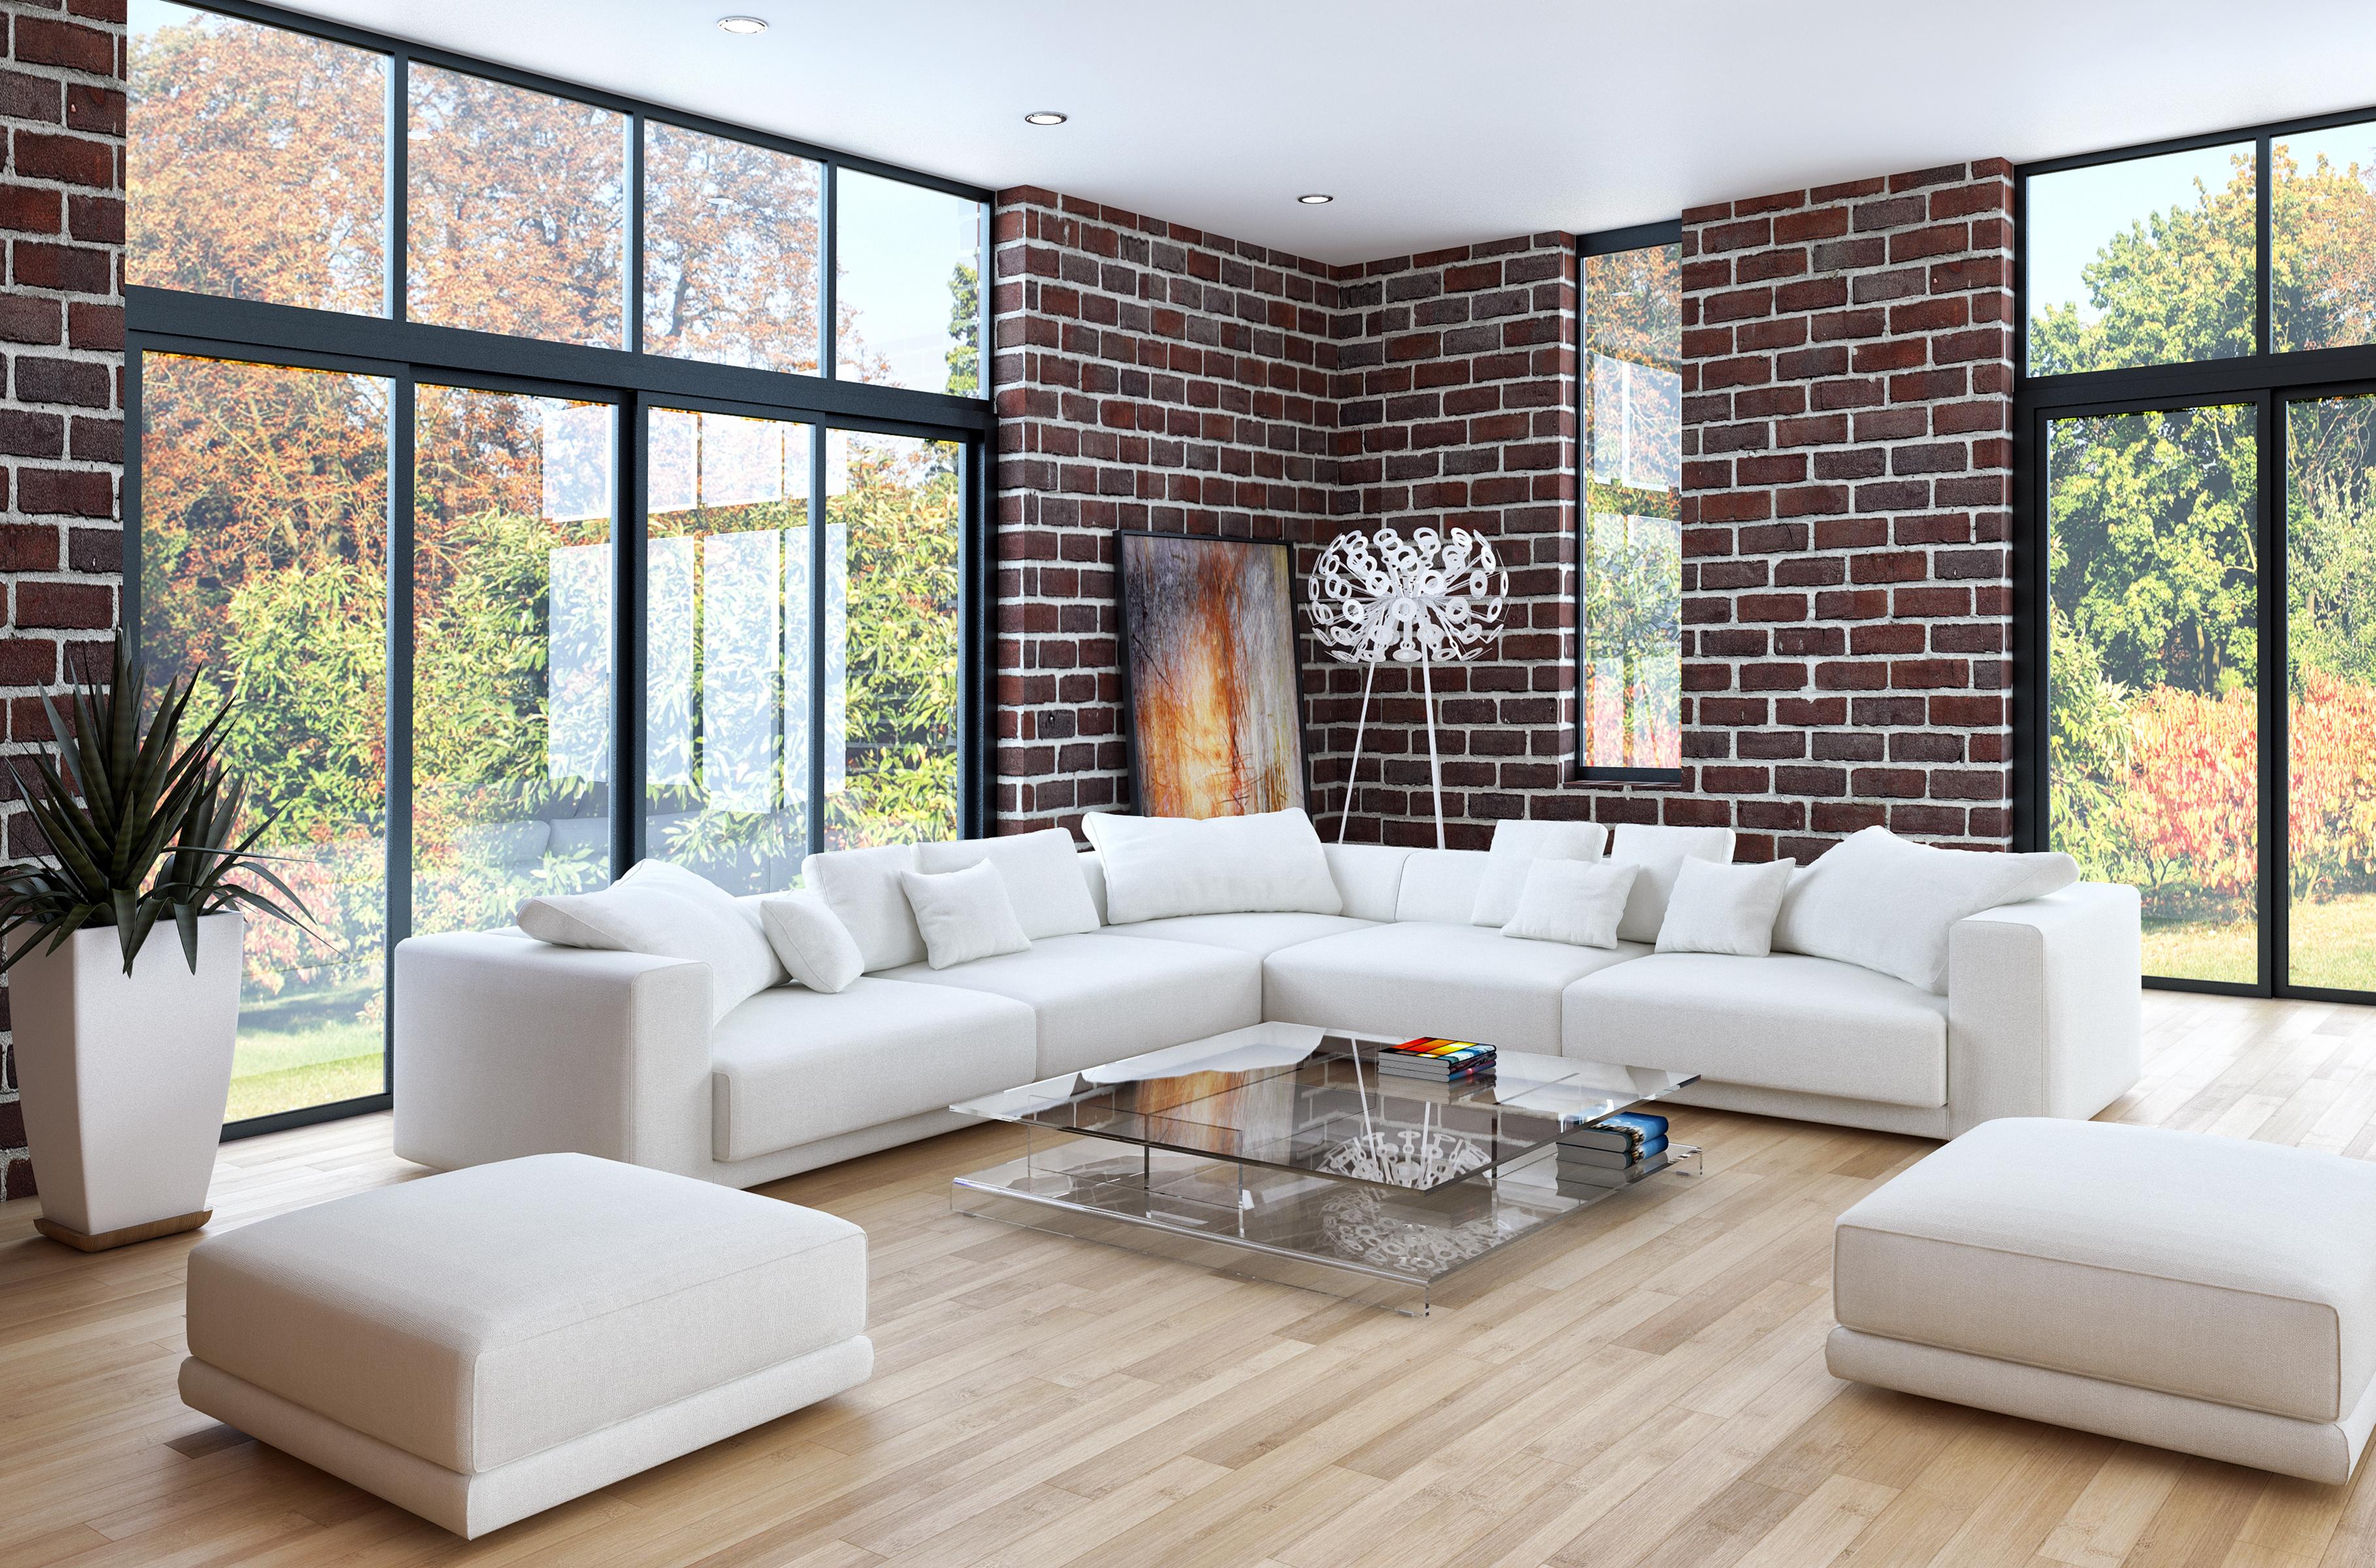 Wohnzimmer mit hellem Sofa